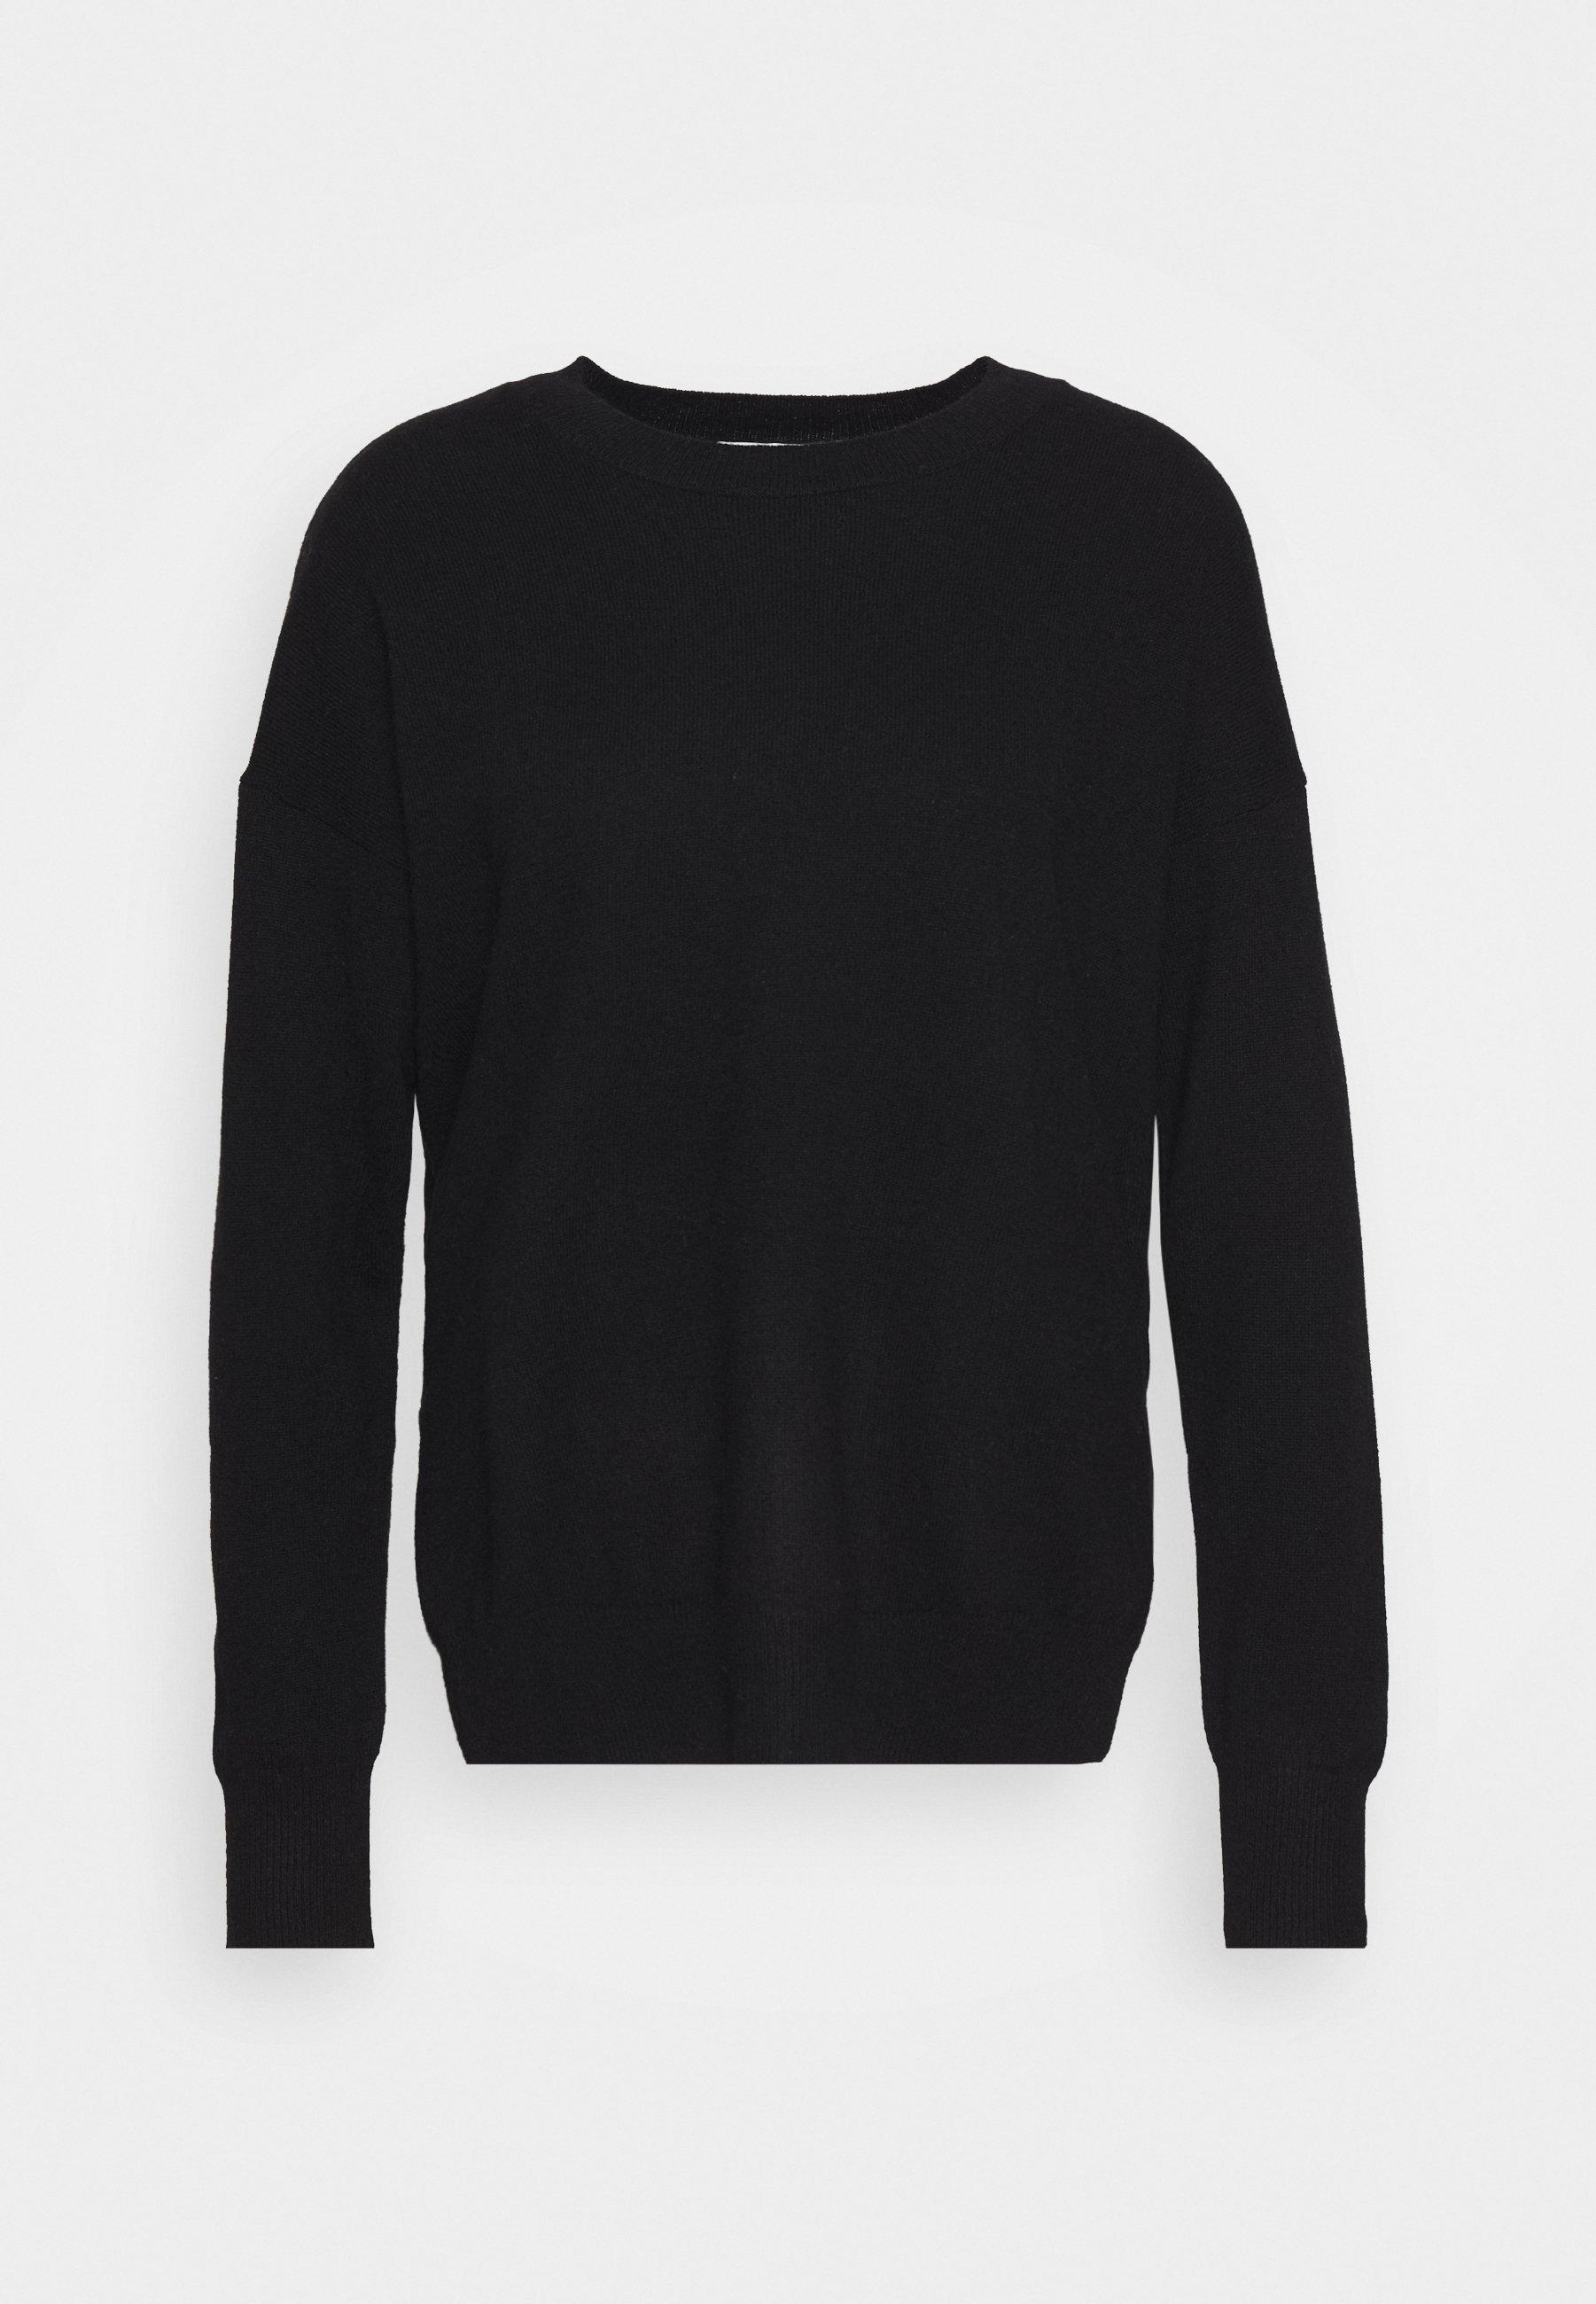 Pure cashmere Kleding online kopen | Gratis verzending | ZALANDO